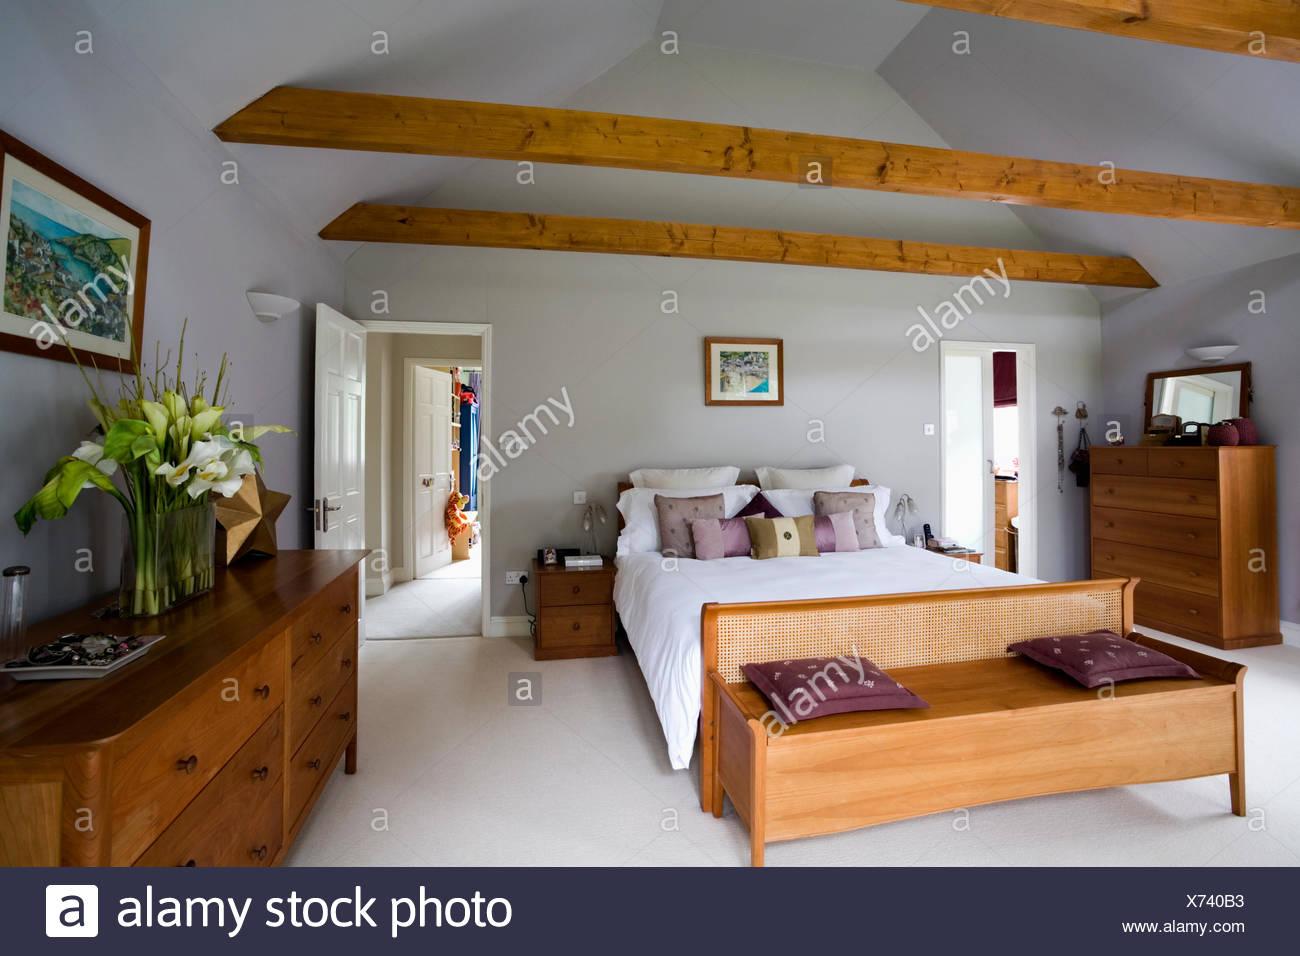 Blickfang Schlafzimmer Teppich Ideen Von Holzkiste Unter Bett In Modernen Blass Grau